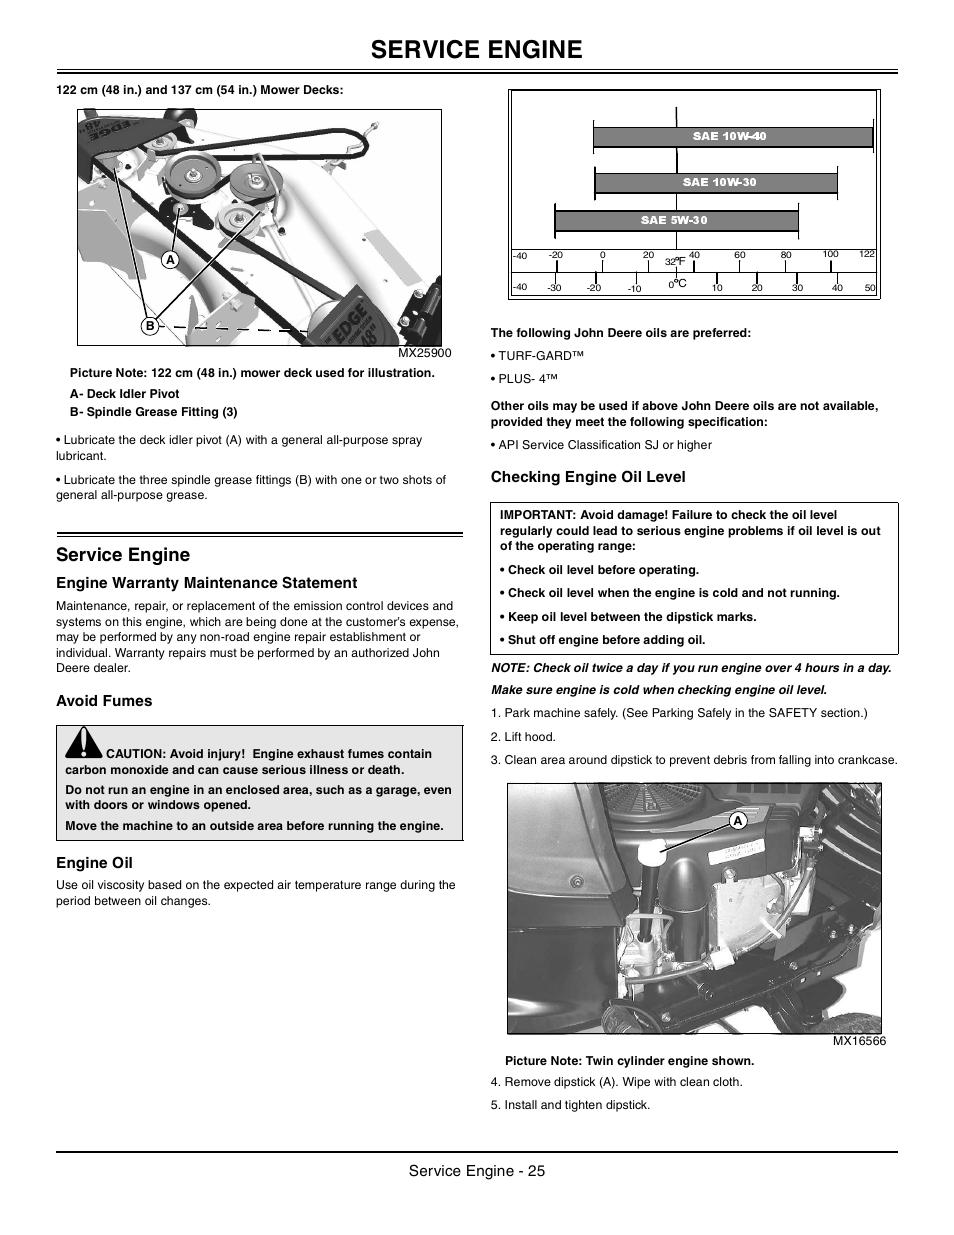 John Deere 48 Mower Deck Manual Guide